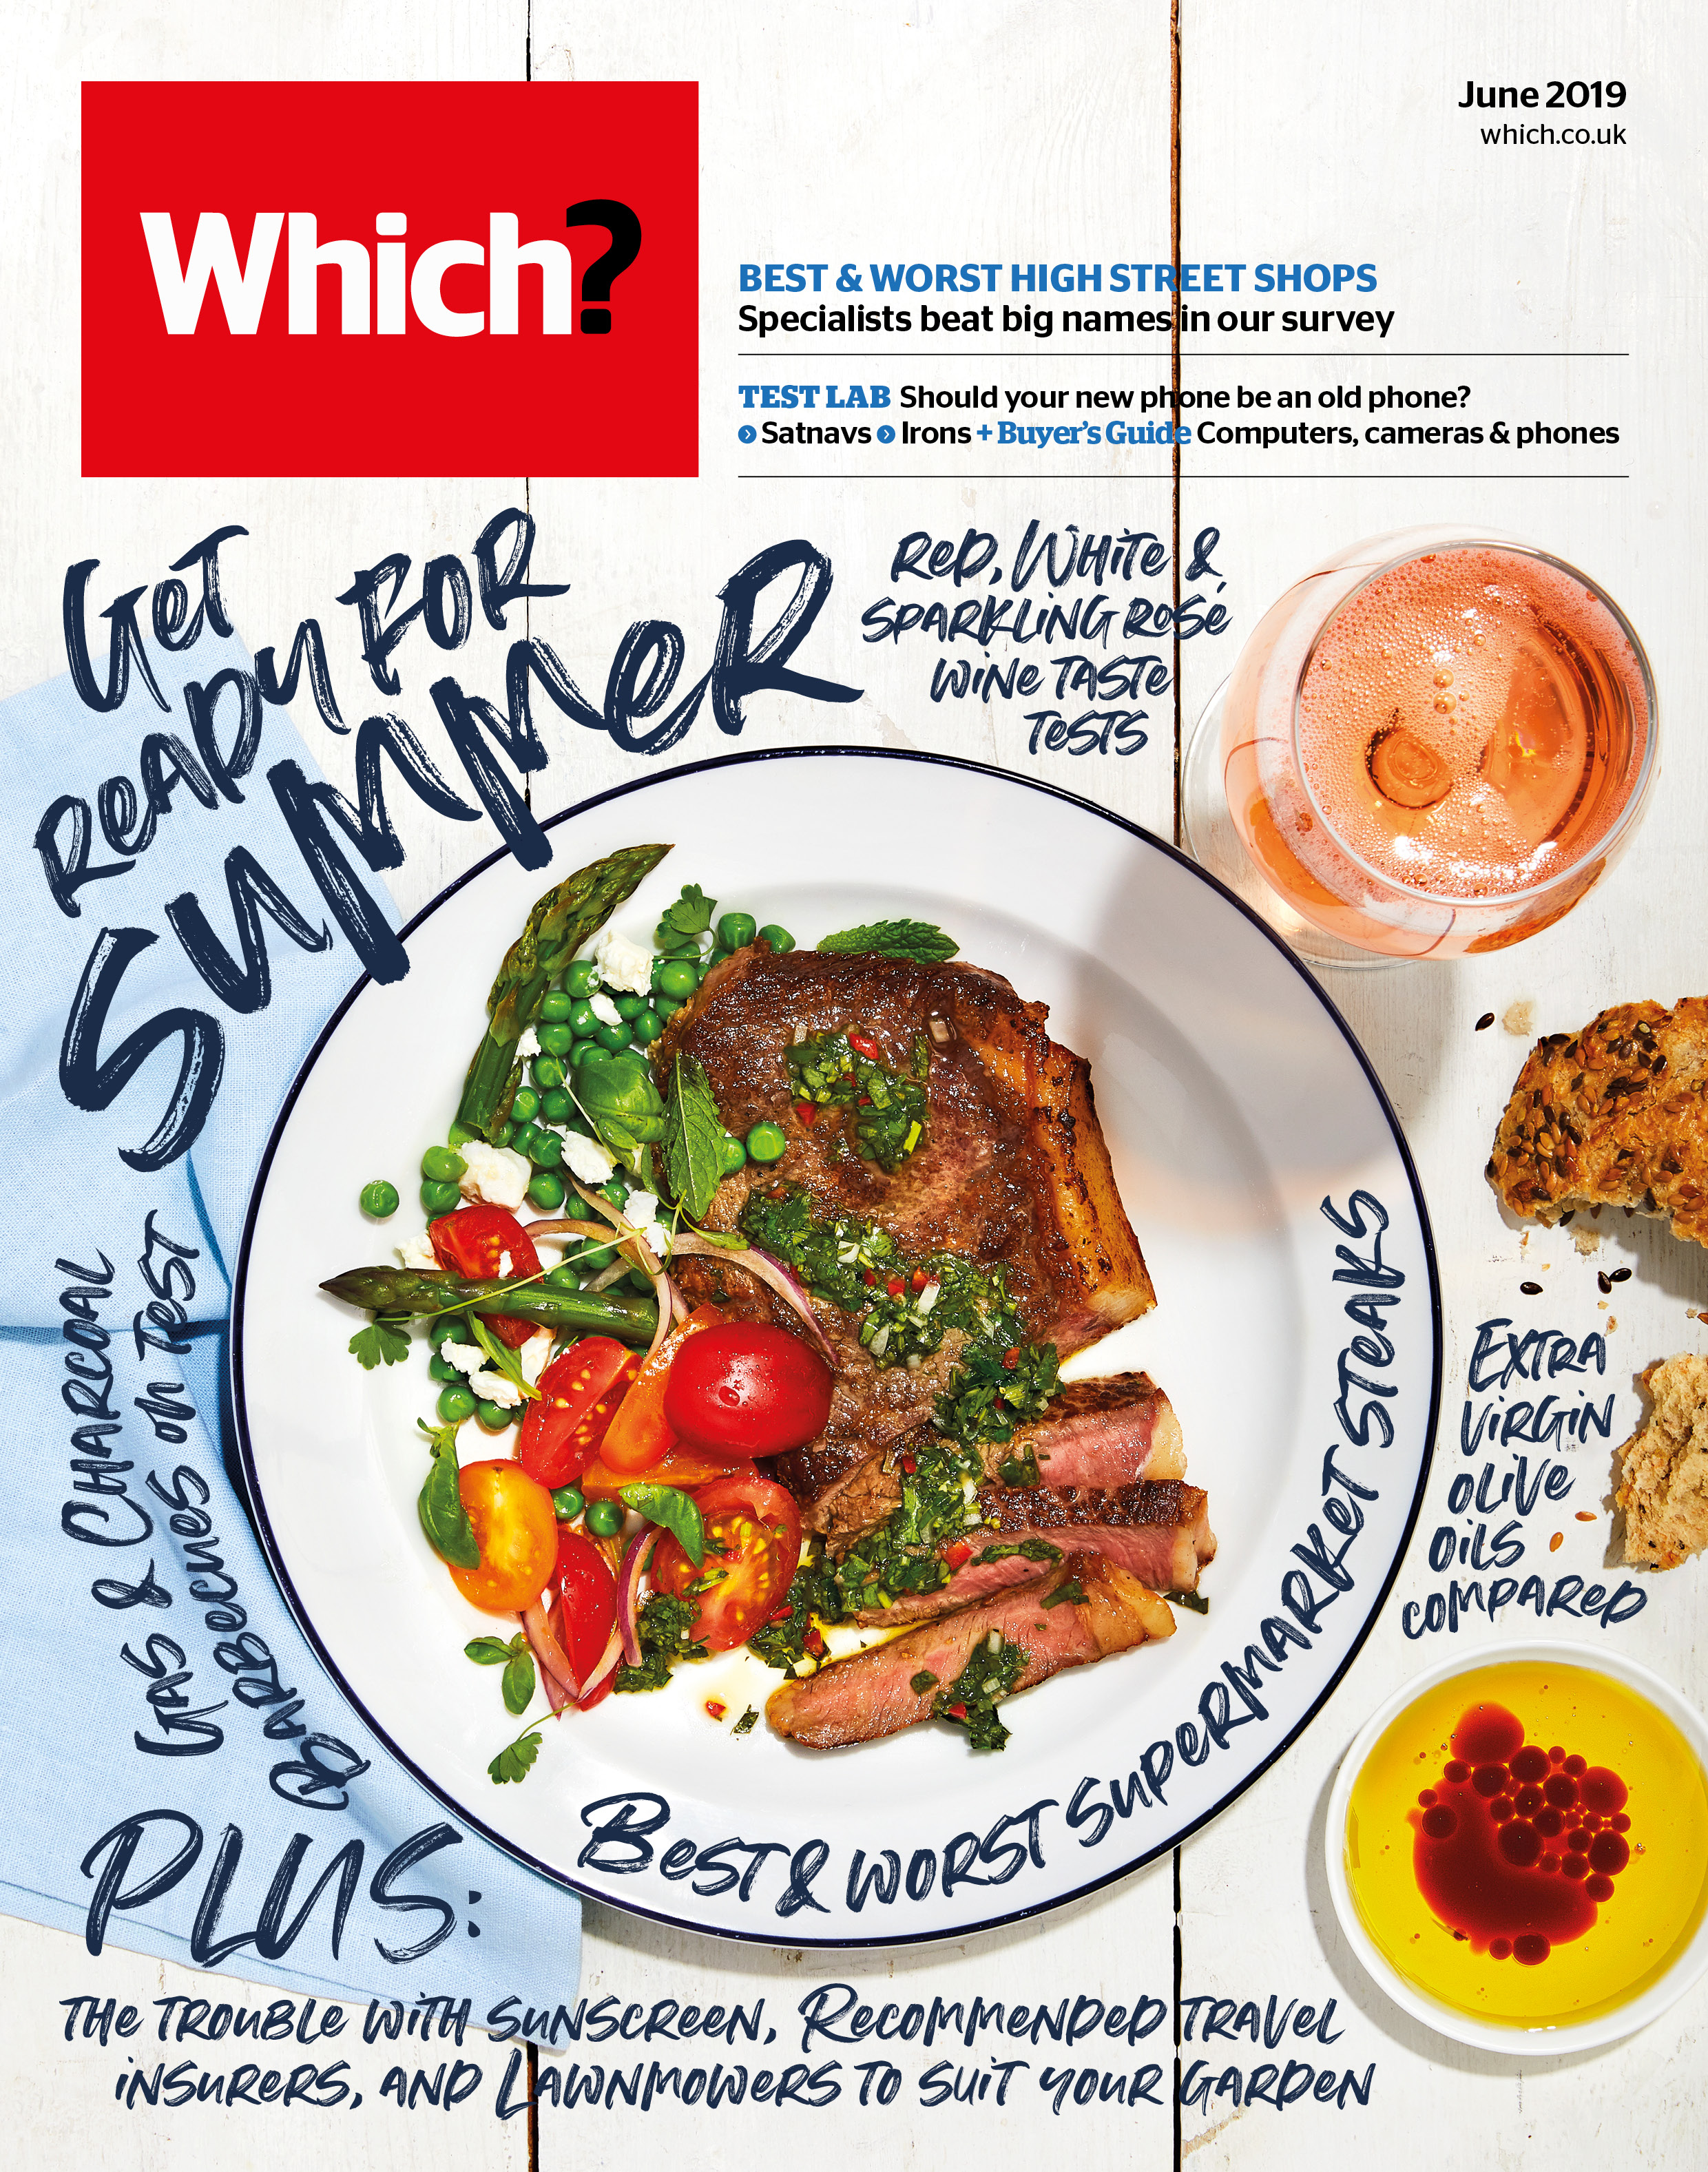 @ Tim Atkins. Which? Magazine